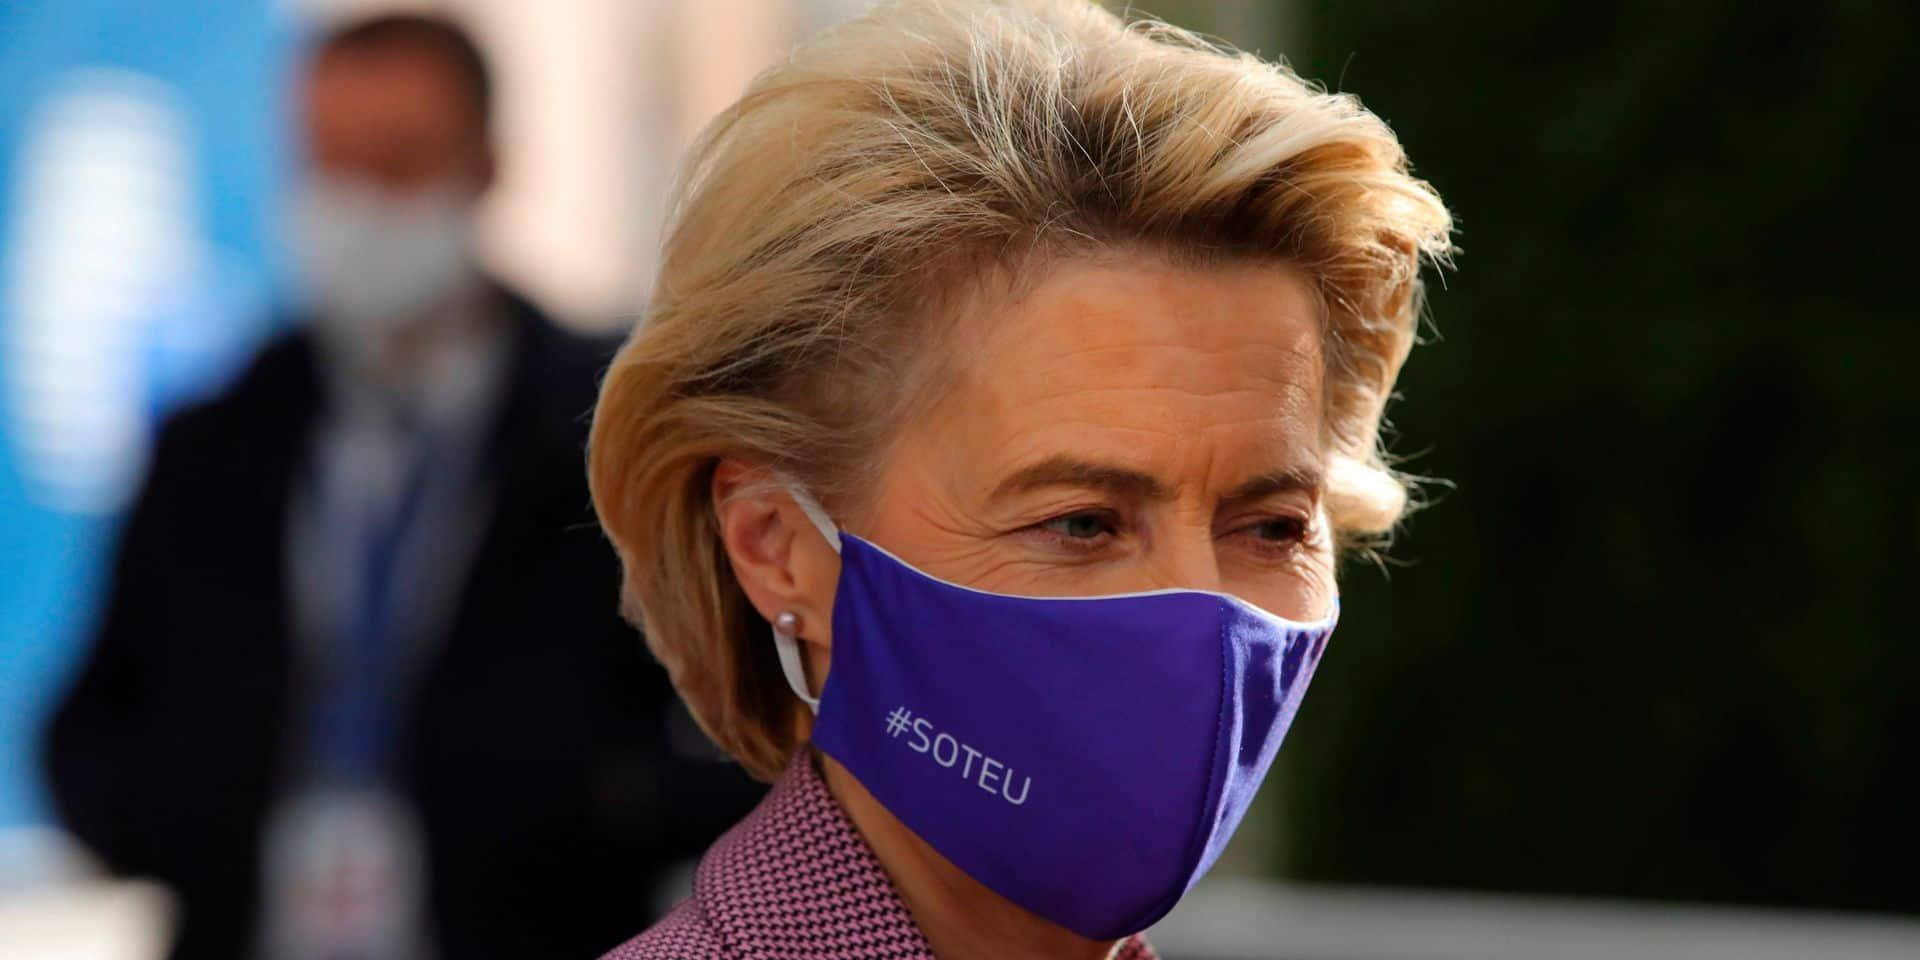 Ursula von der Leyen quitte le sommet européen et s'isole après le test positif d'un collaborateur